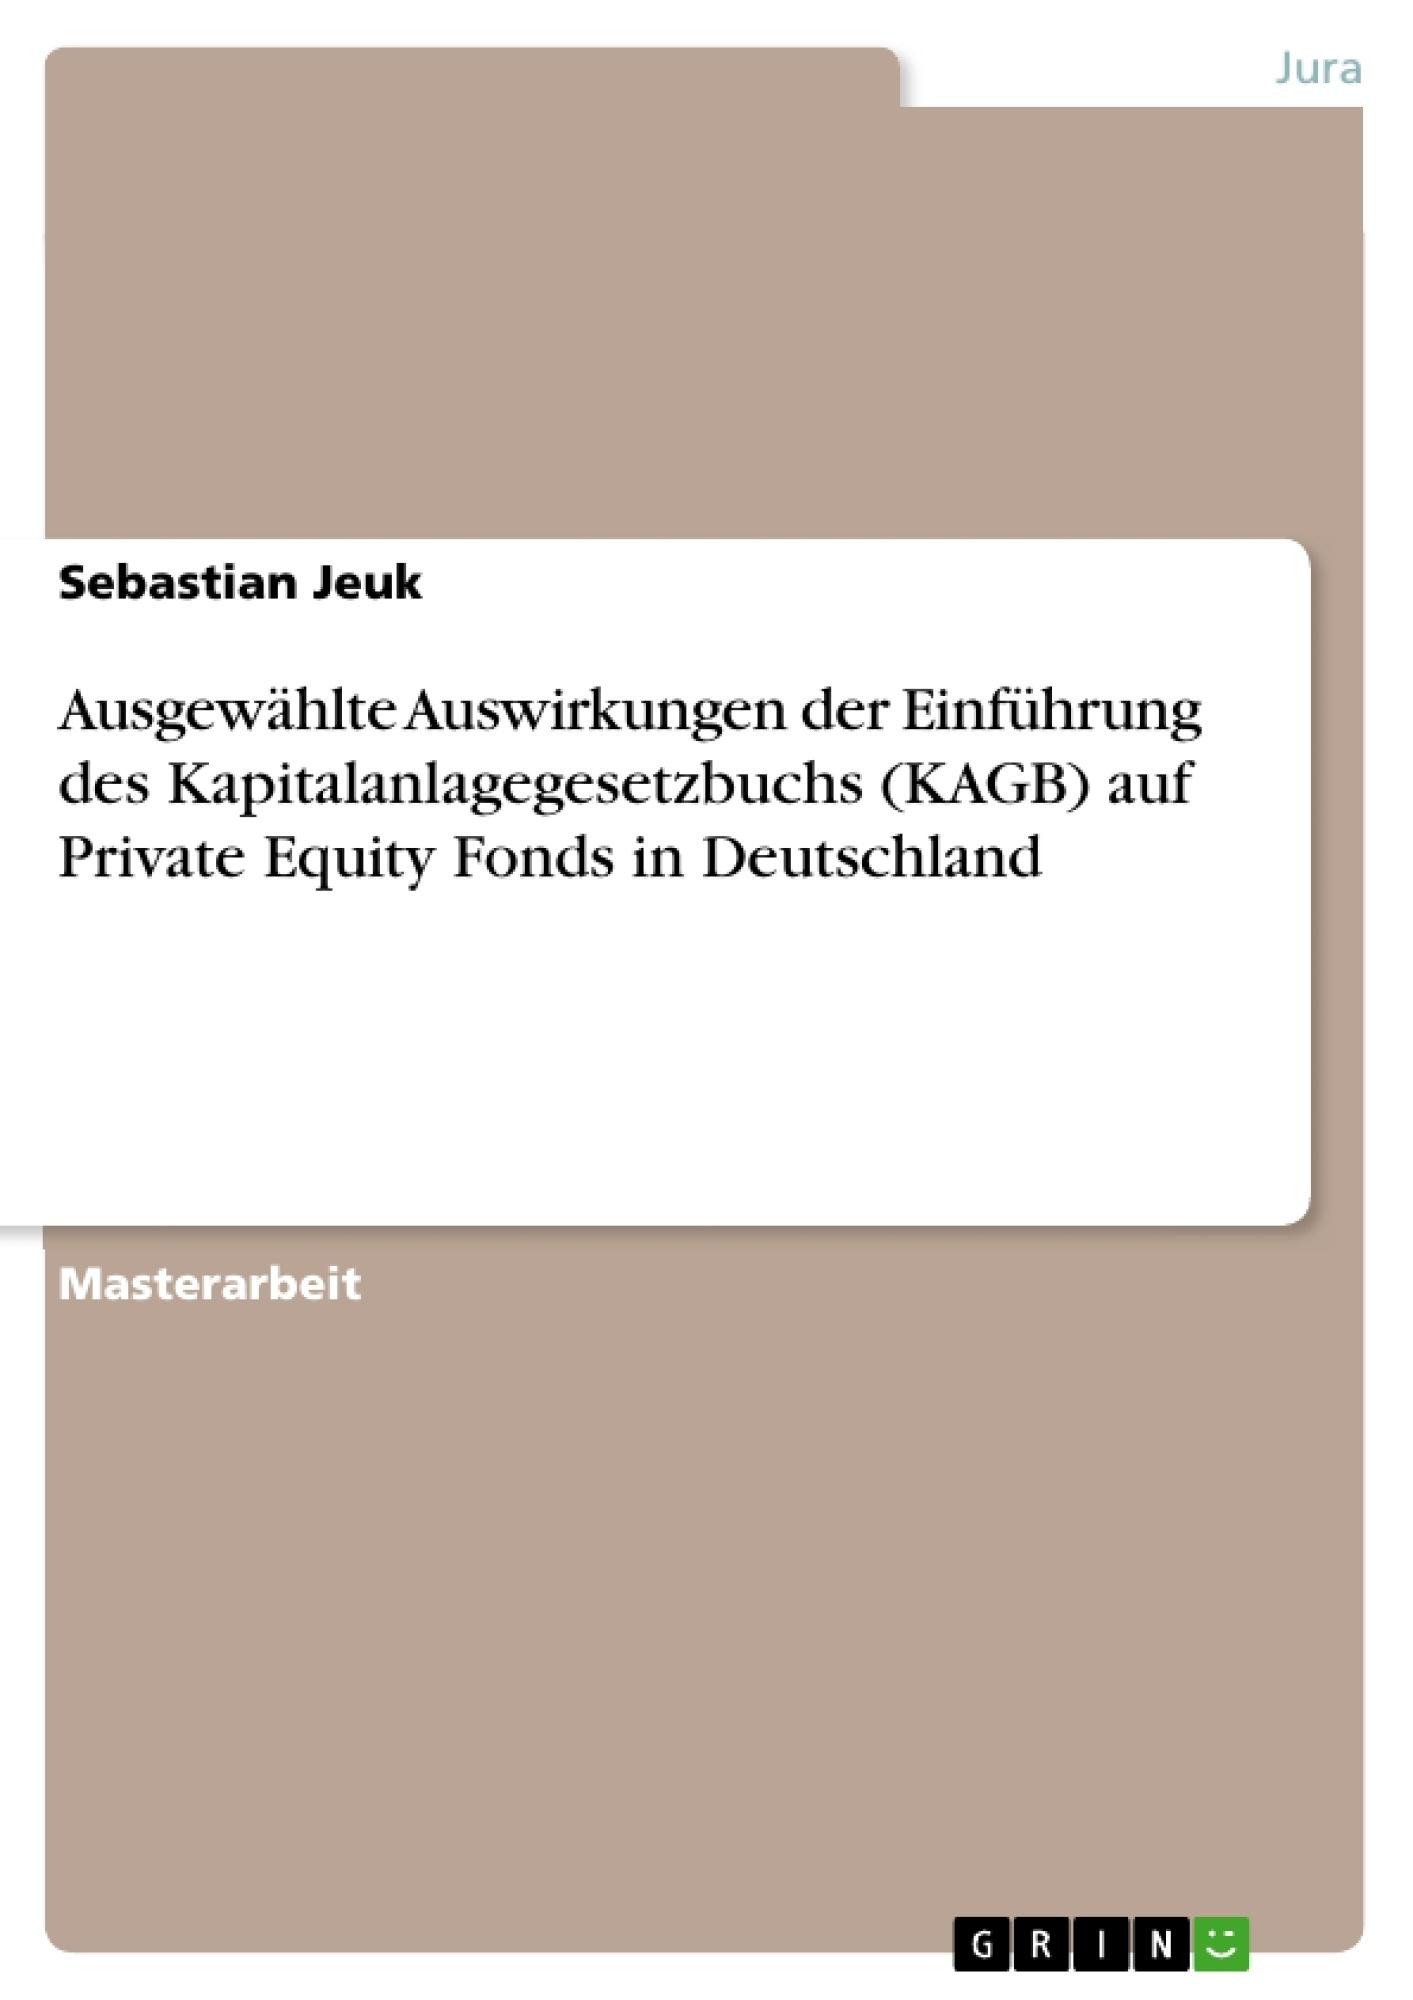 Titel: Ausgewählte Auswirkungen der Einführung des Kapitalanlagegesetzbuchs (KAGB) auf Private Equity Fonds in Deutschland